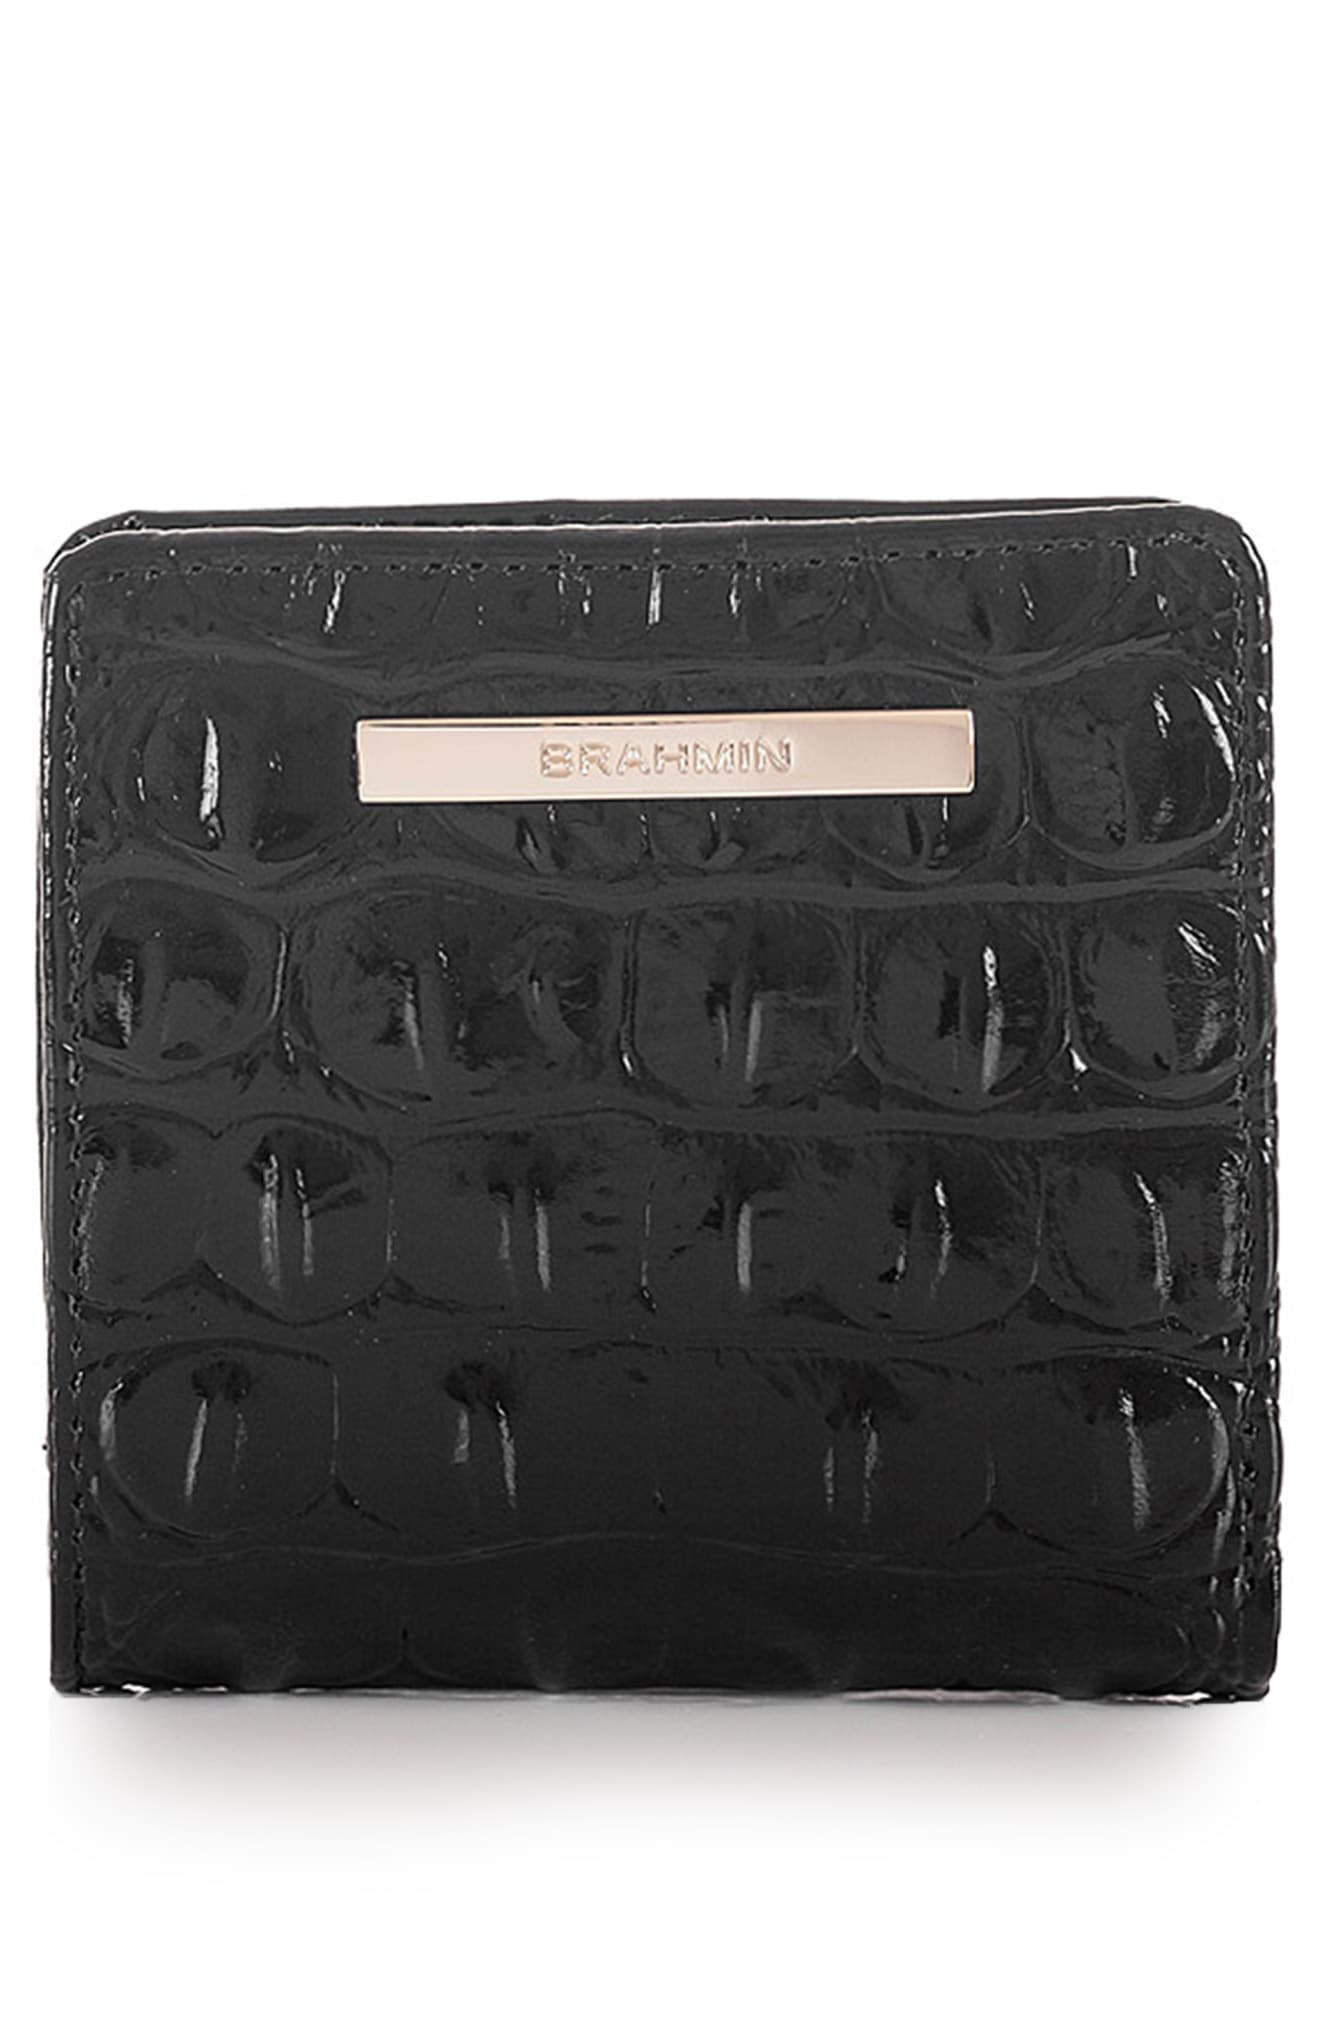 Brahmin Jane Croc Embossed Leather Wallet Wallets For Women Leather Leather Wallet Crocs